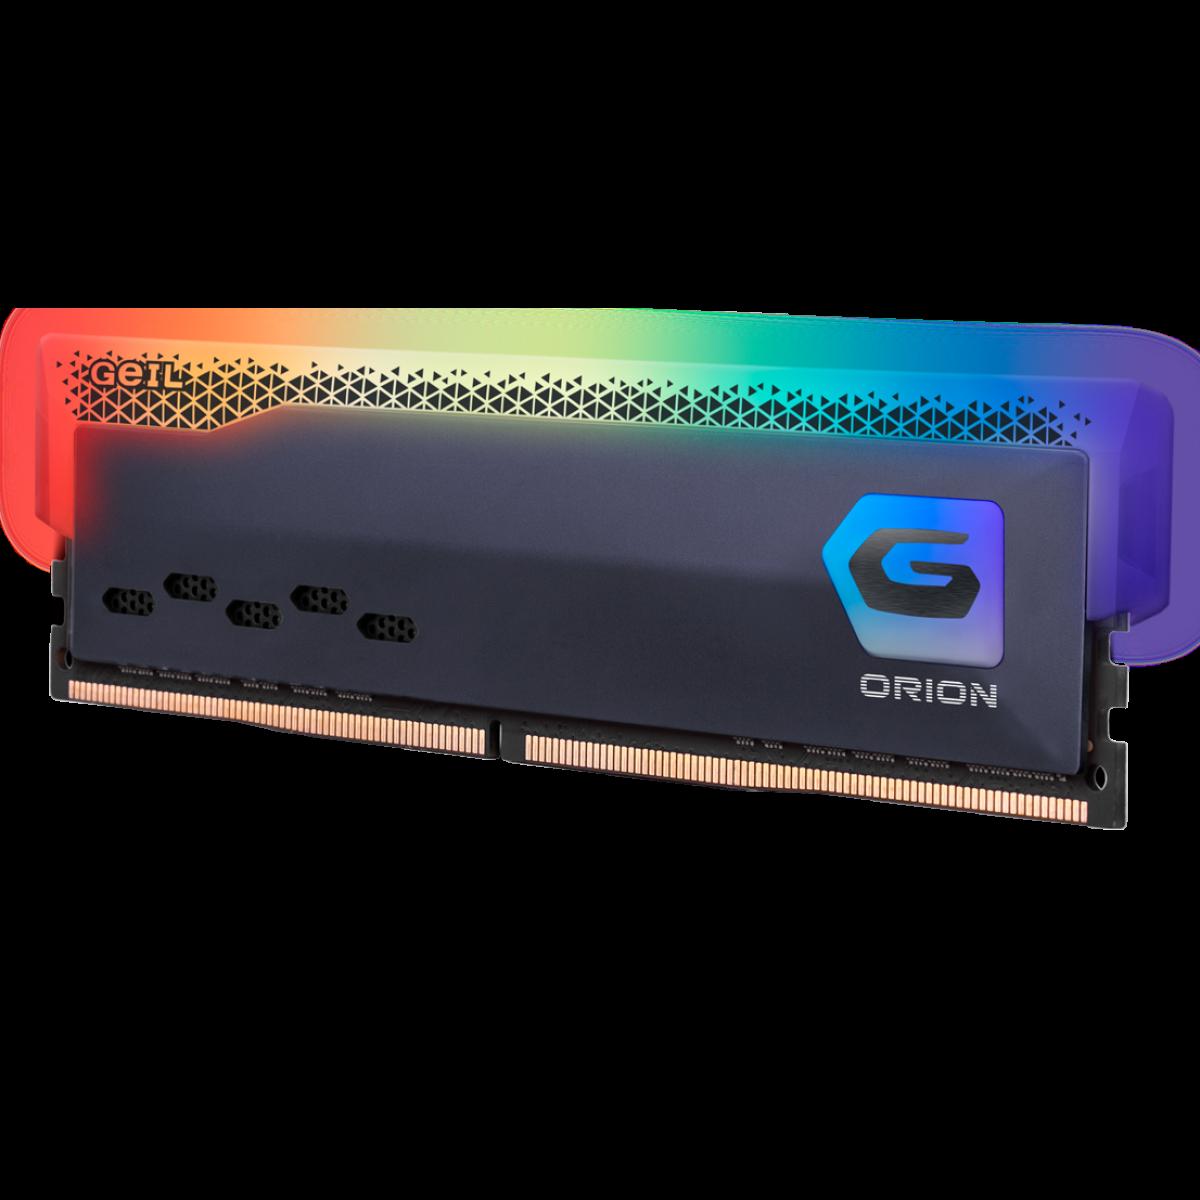 Memória DDR4 Geil Orion RGB, Edição AMD, 8GB, 3200MHz, Gray, GAOSG48GB3200C16BSC